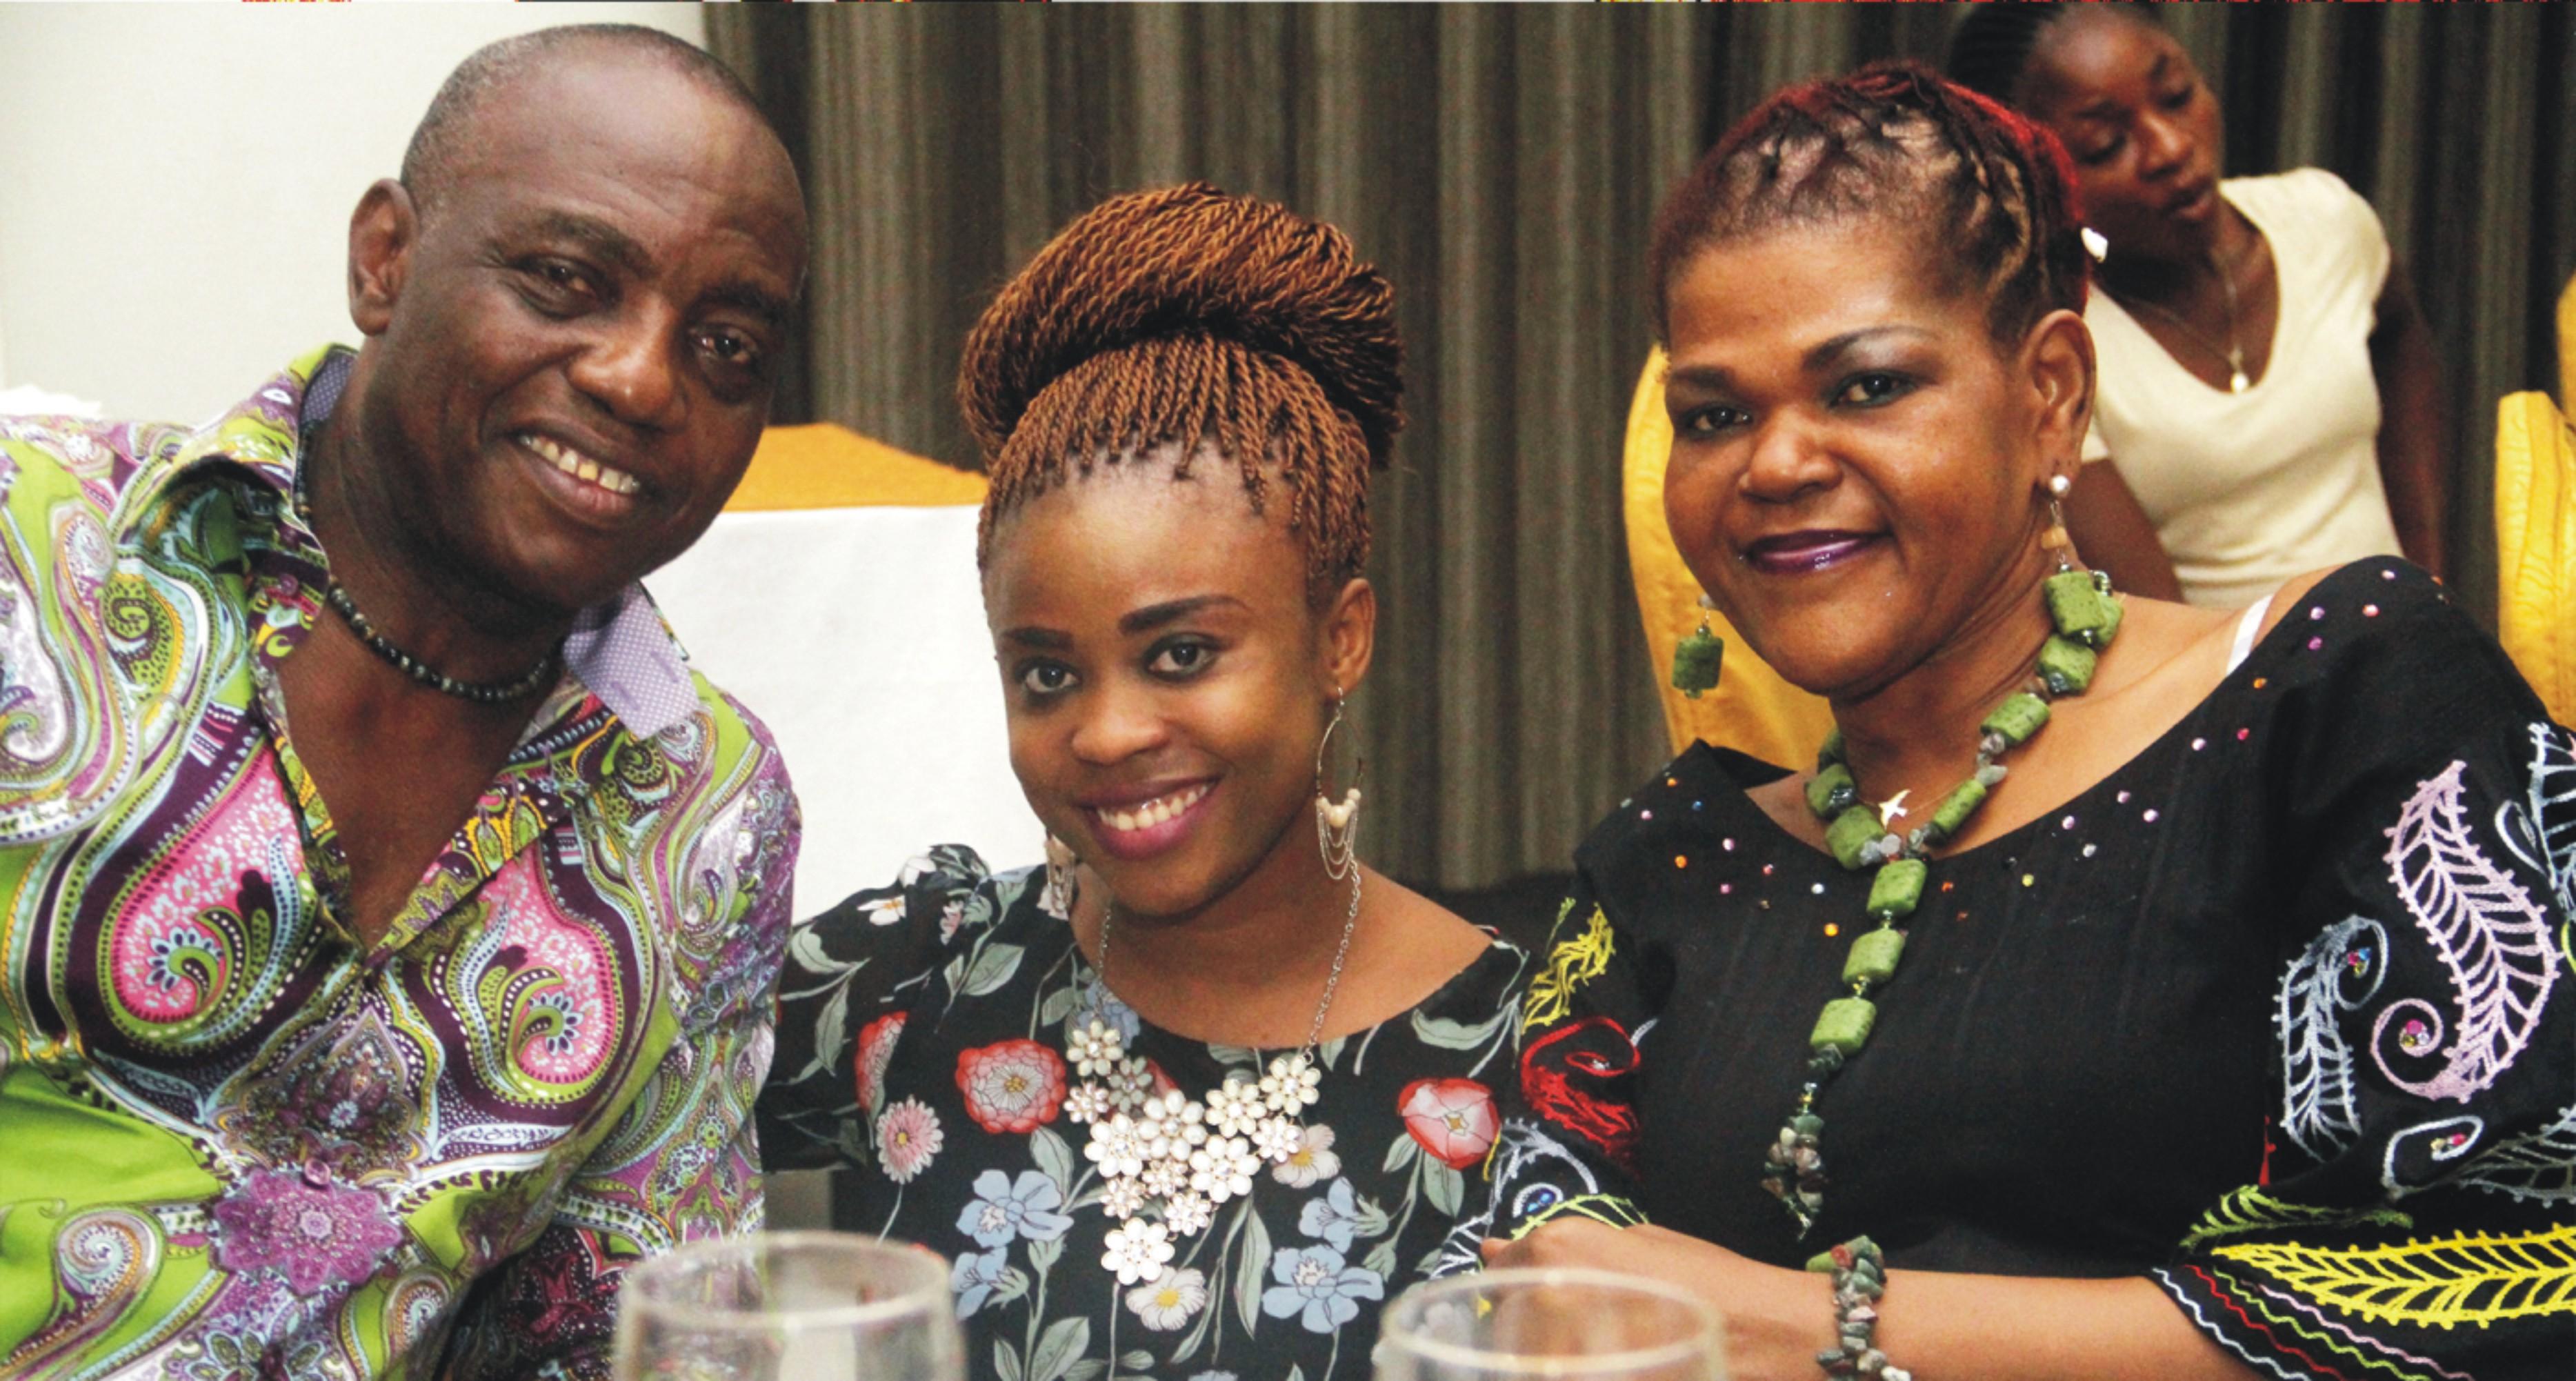 Ras Kimono, Dede, others perform at Gloria Ibru's show